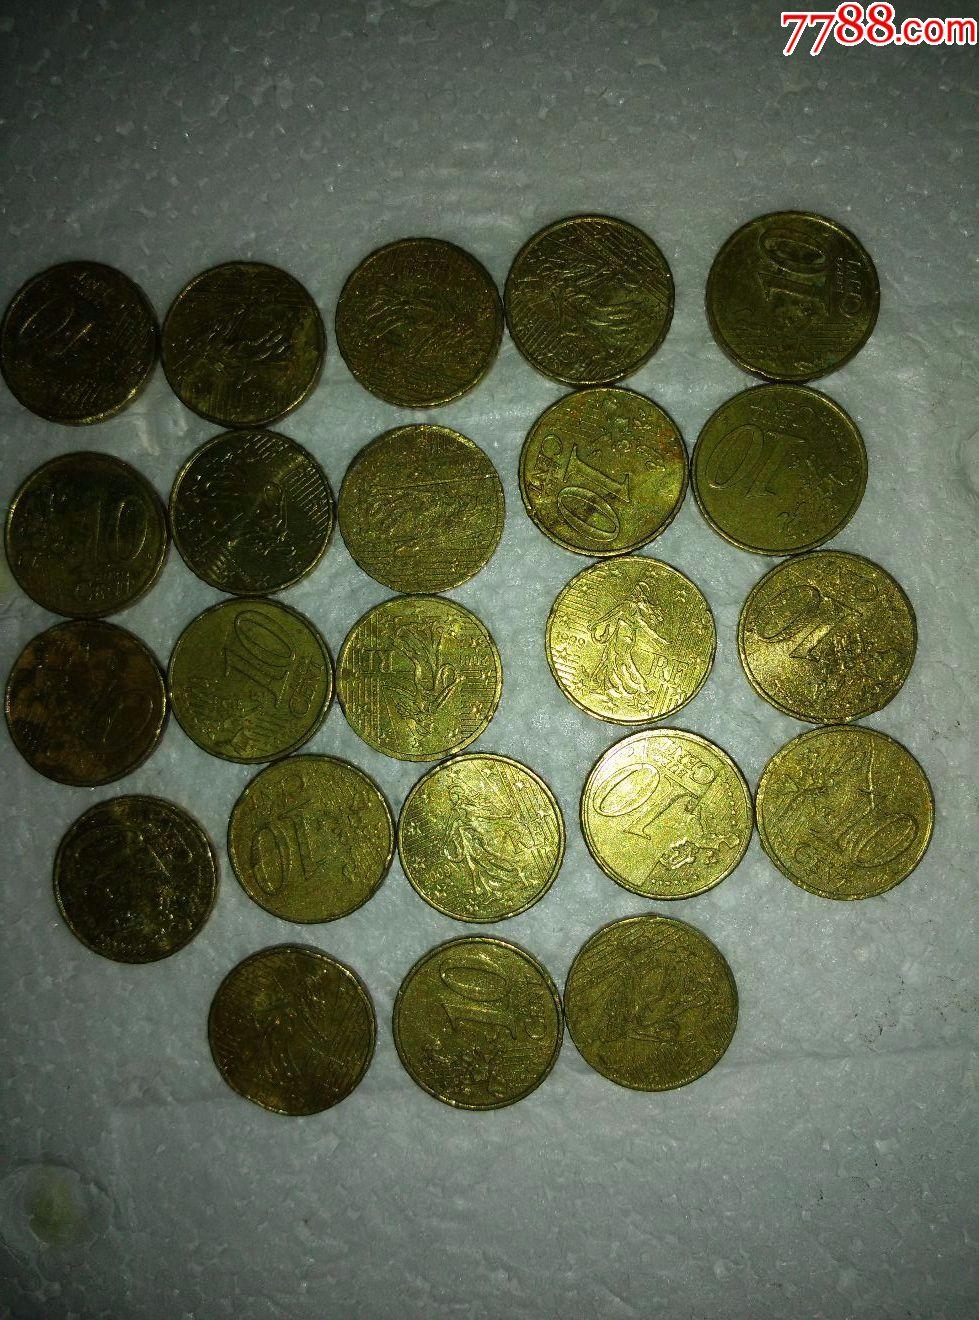 特价】法国硬币,10欧分,23枚图片